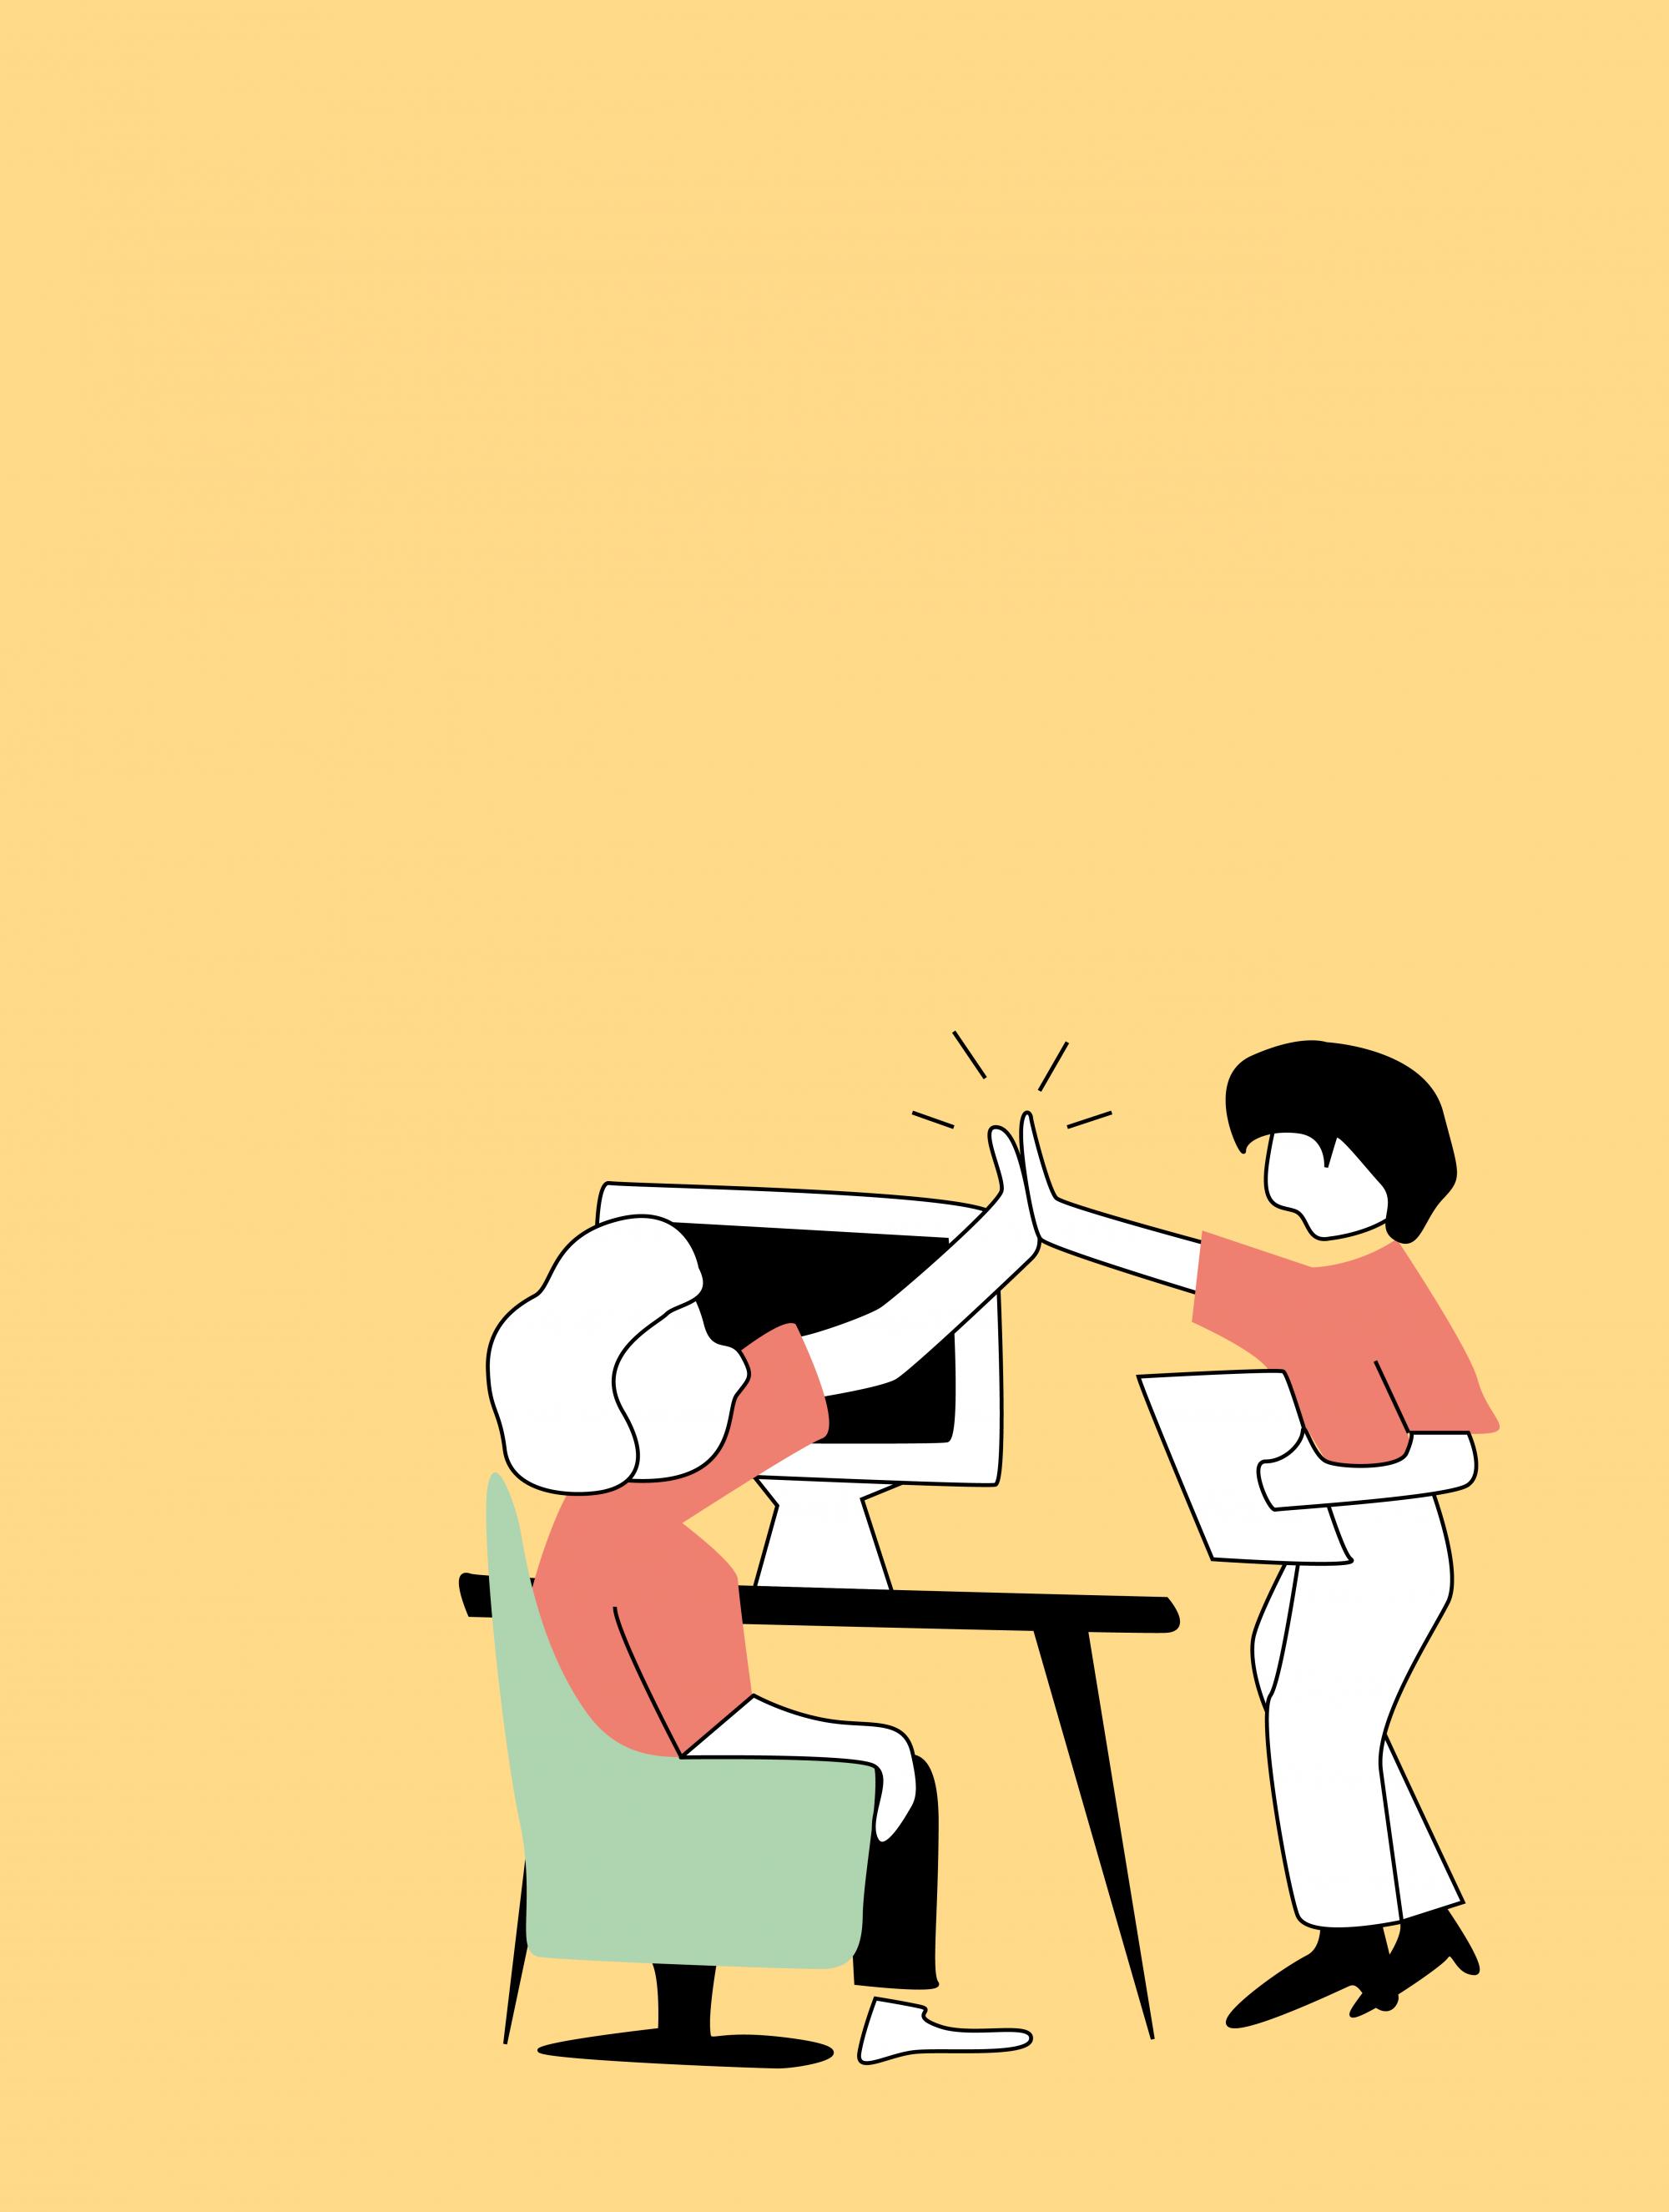 Zwei Personen klatschen sich in die Hände. Eine sitzt in einem Stuhl vor einem Schreibtisch und die andere steht daneben.